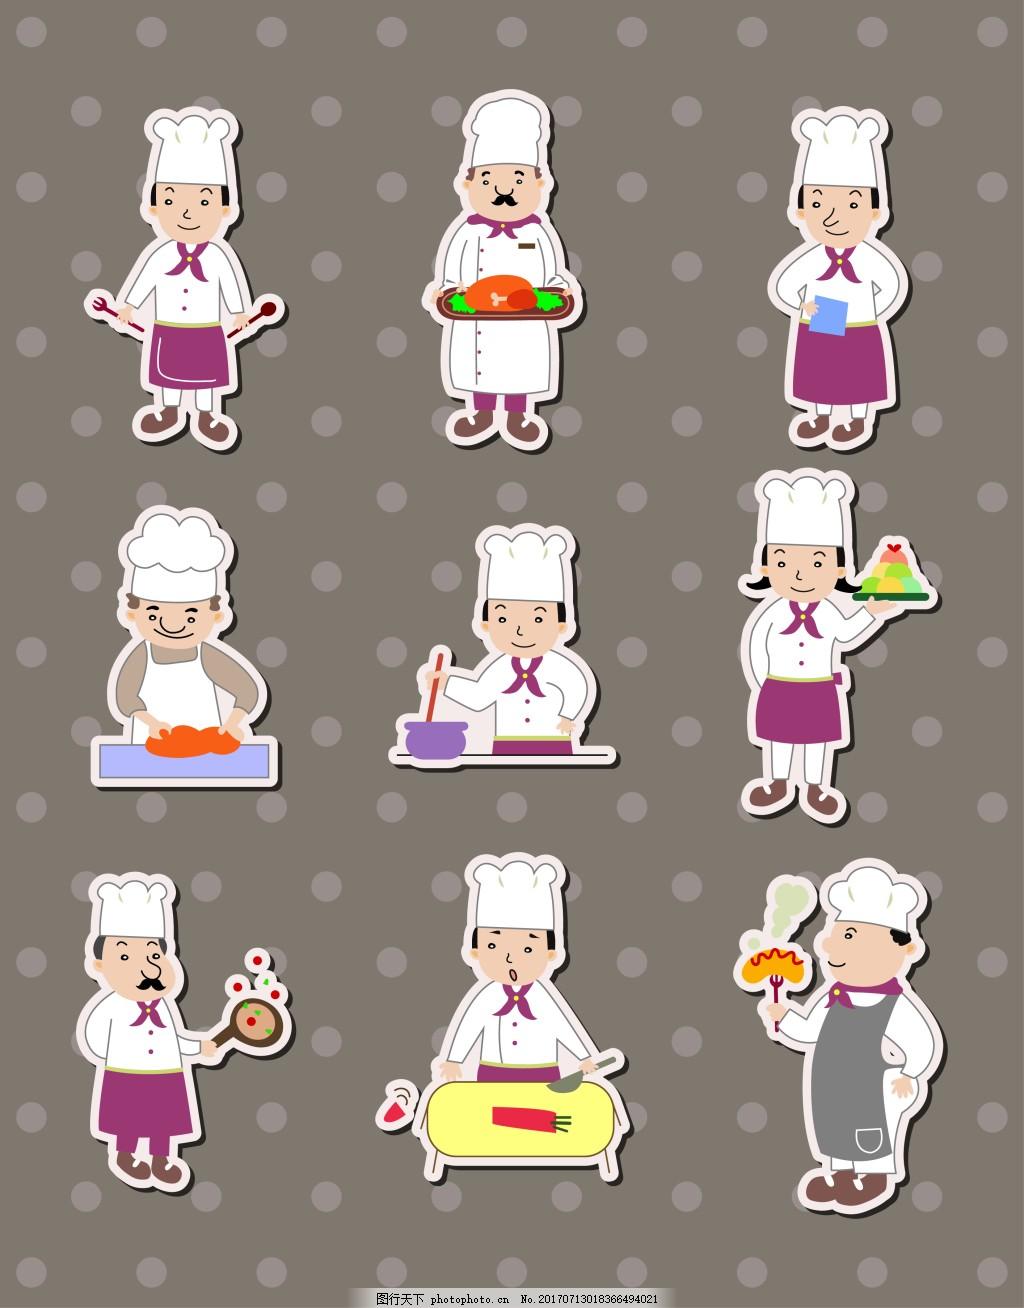 卡通可爱的厨师插画 卡通 可爱 职业 人物 厨师 帽子 插画 服务员